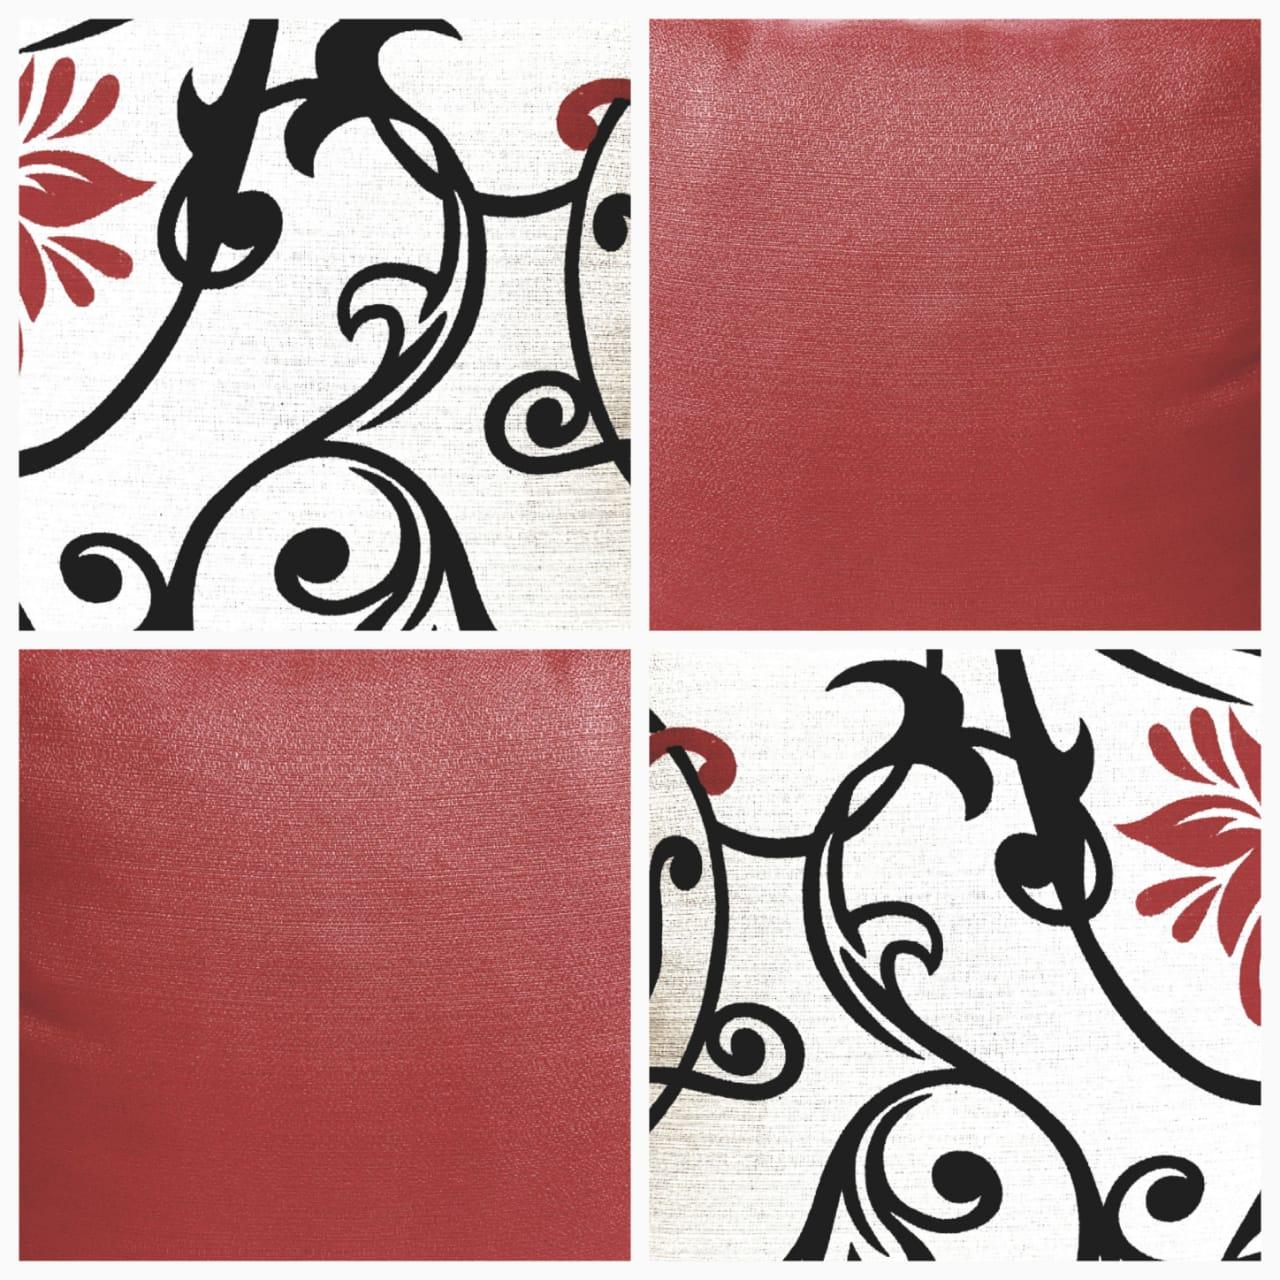 Almofada vermelha Estampada Sala 4 Capas 40x40 Cm decorativa moda